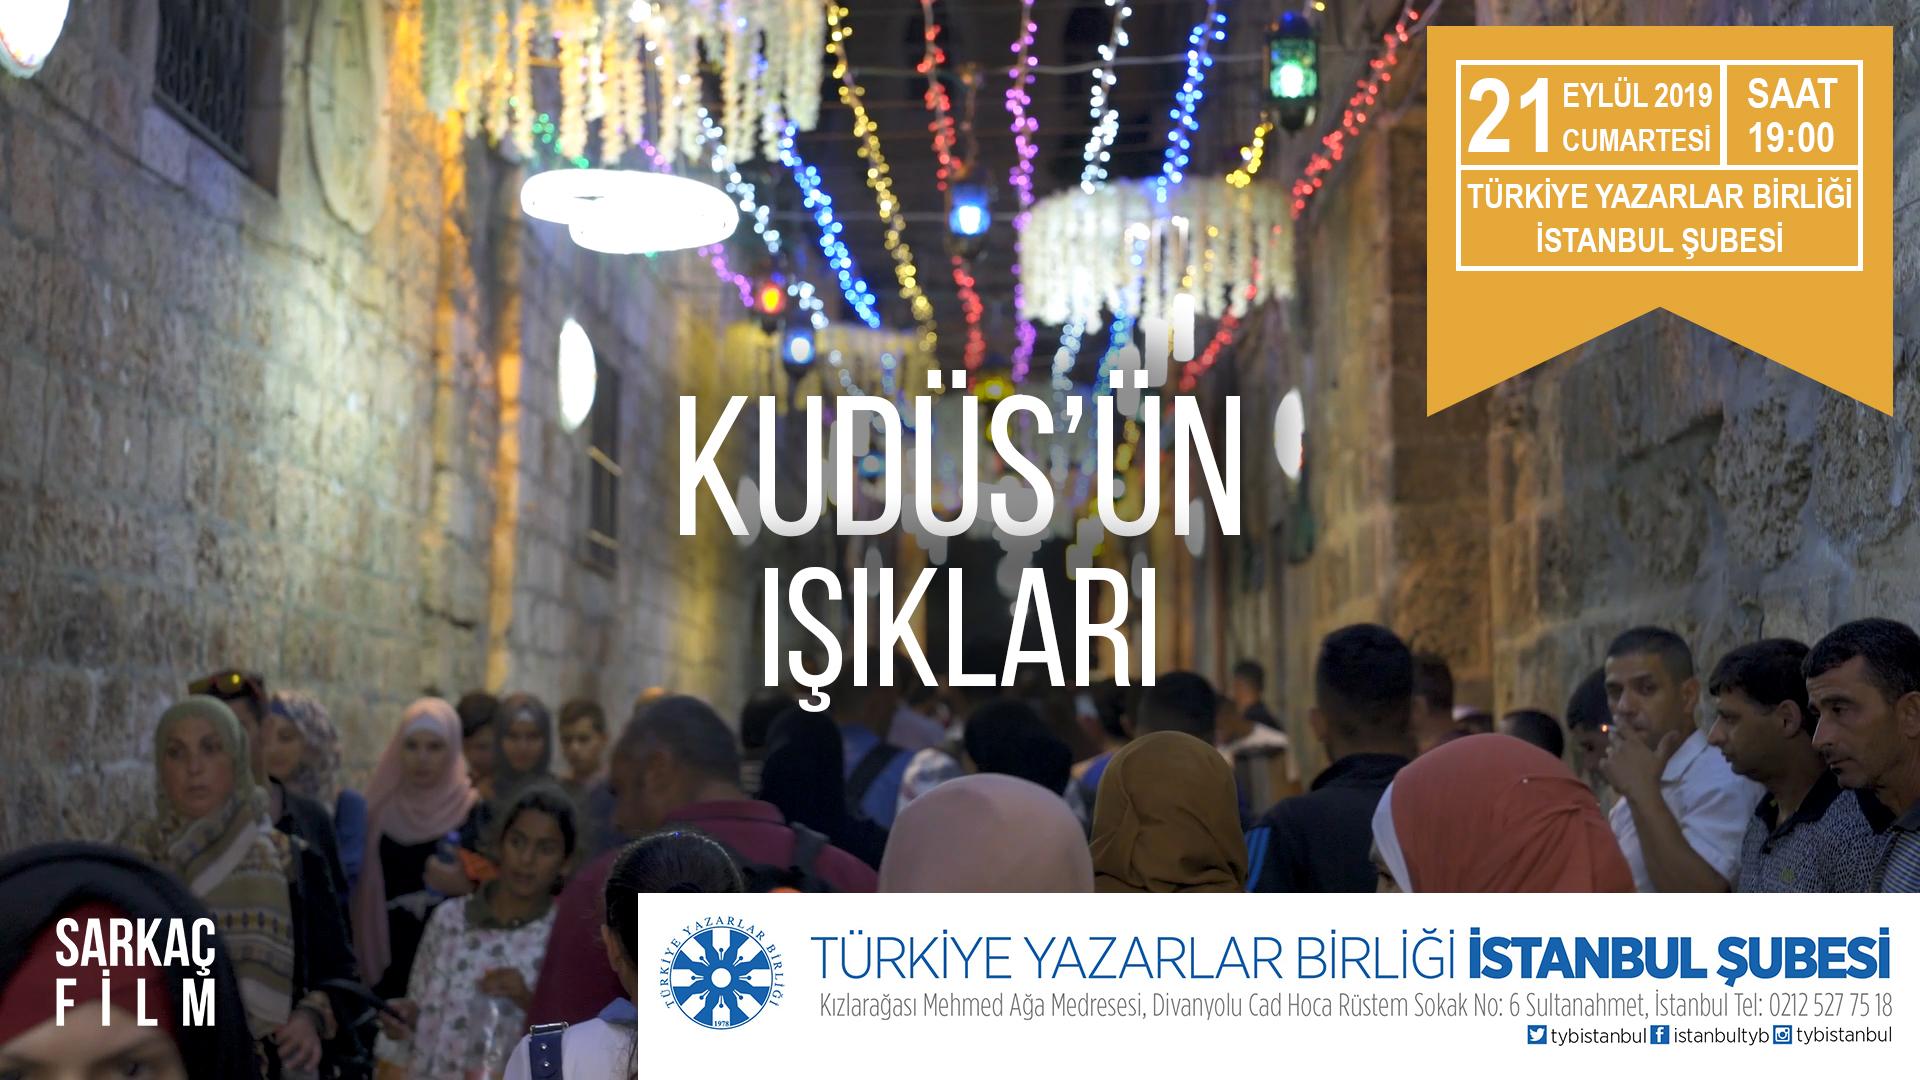 TYB İstanbul Dönem Açılışı'nı 'Kudüs'ün Işıkları'yla Yapıyor